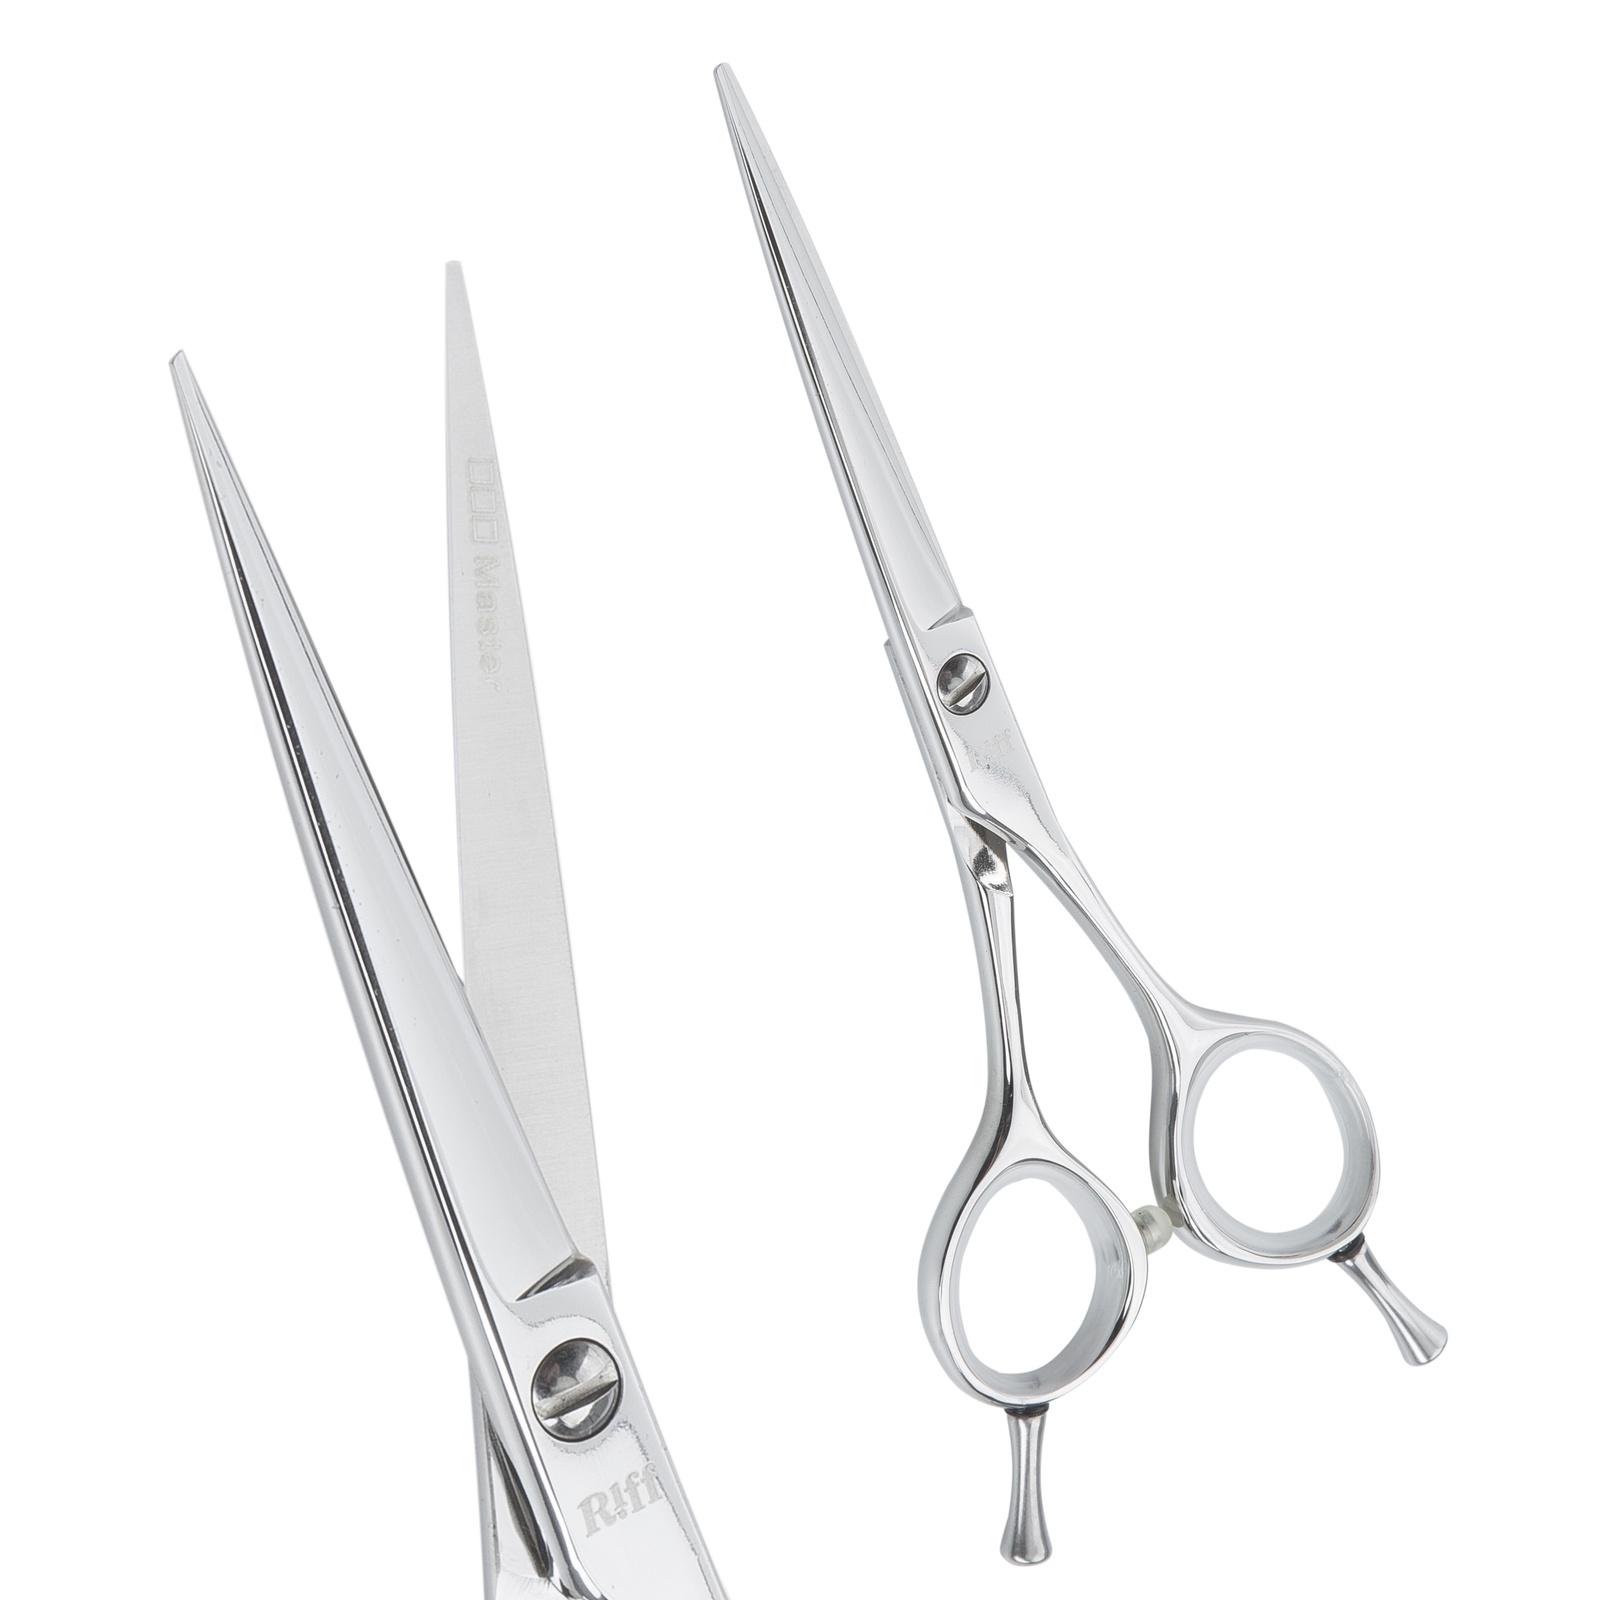 Ножницы парикмахерские RIFF Master, AM0255, 5,5 дюймов